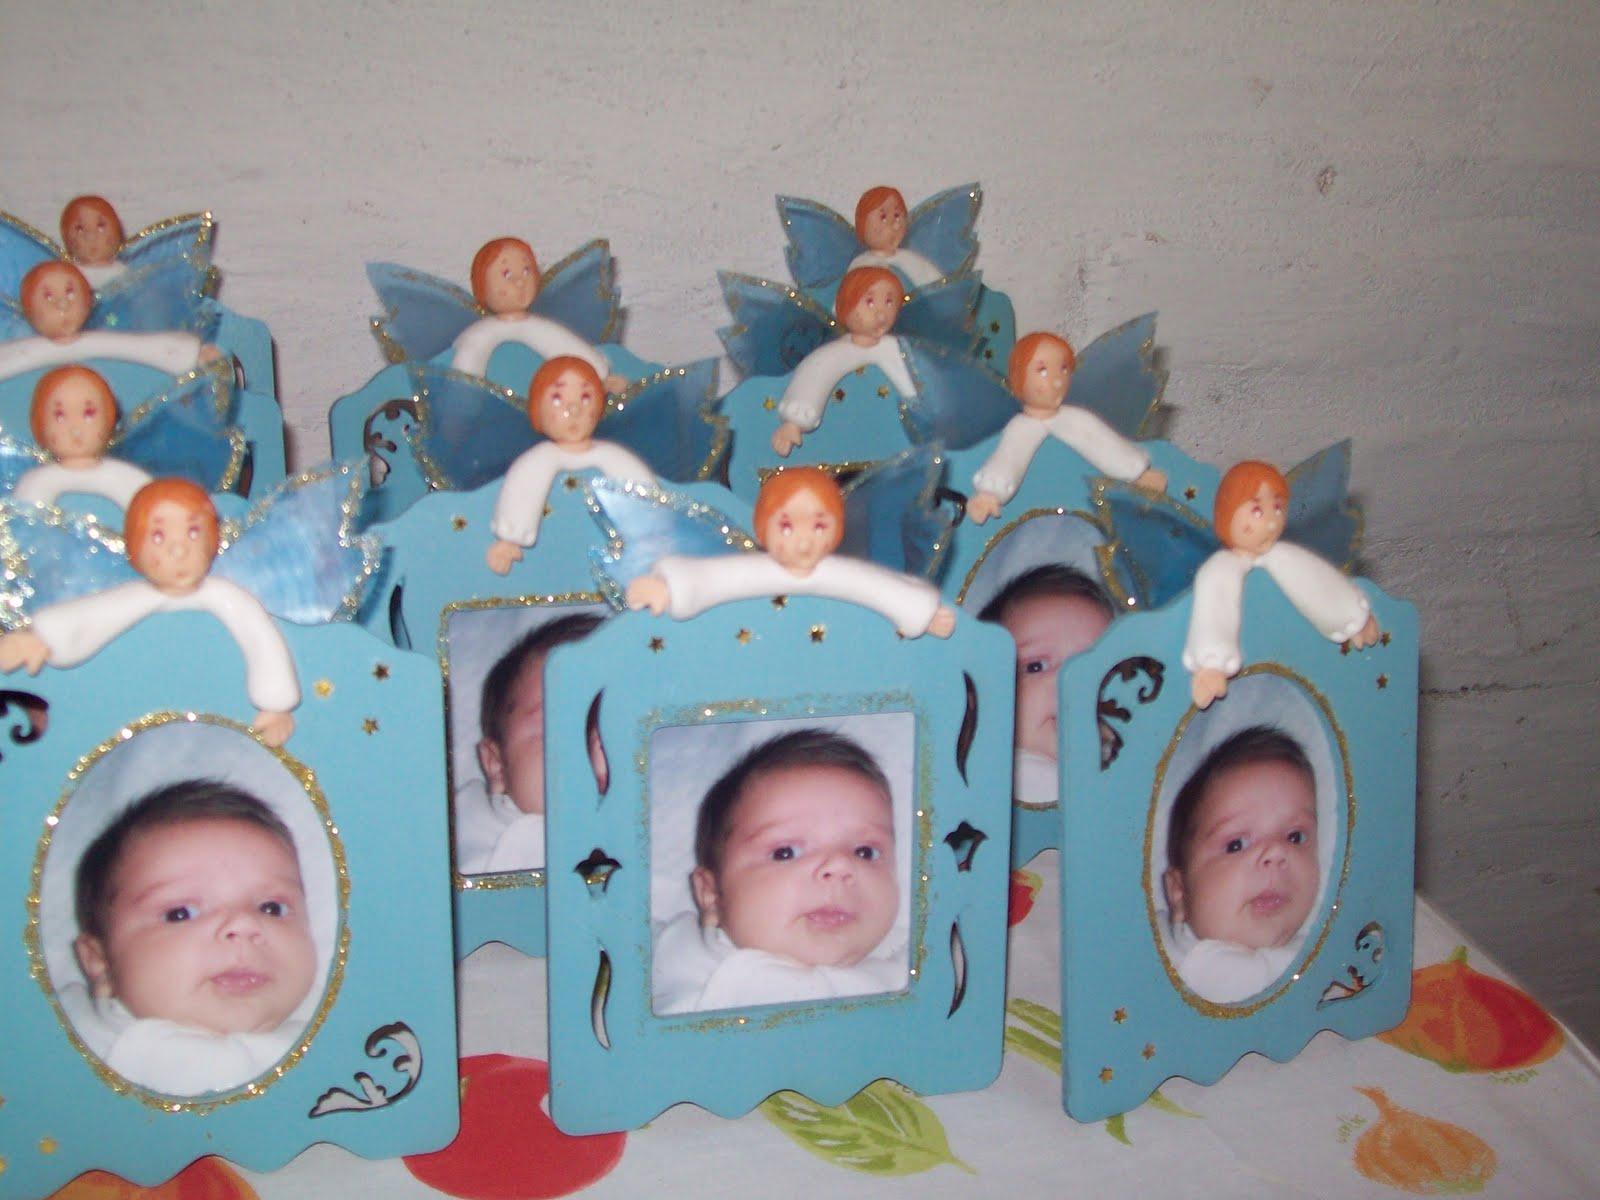 este fue el souvenirs de bautismo de mi bebe